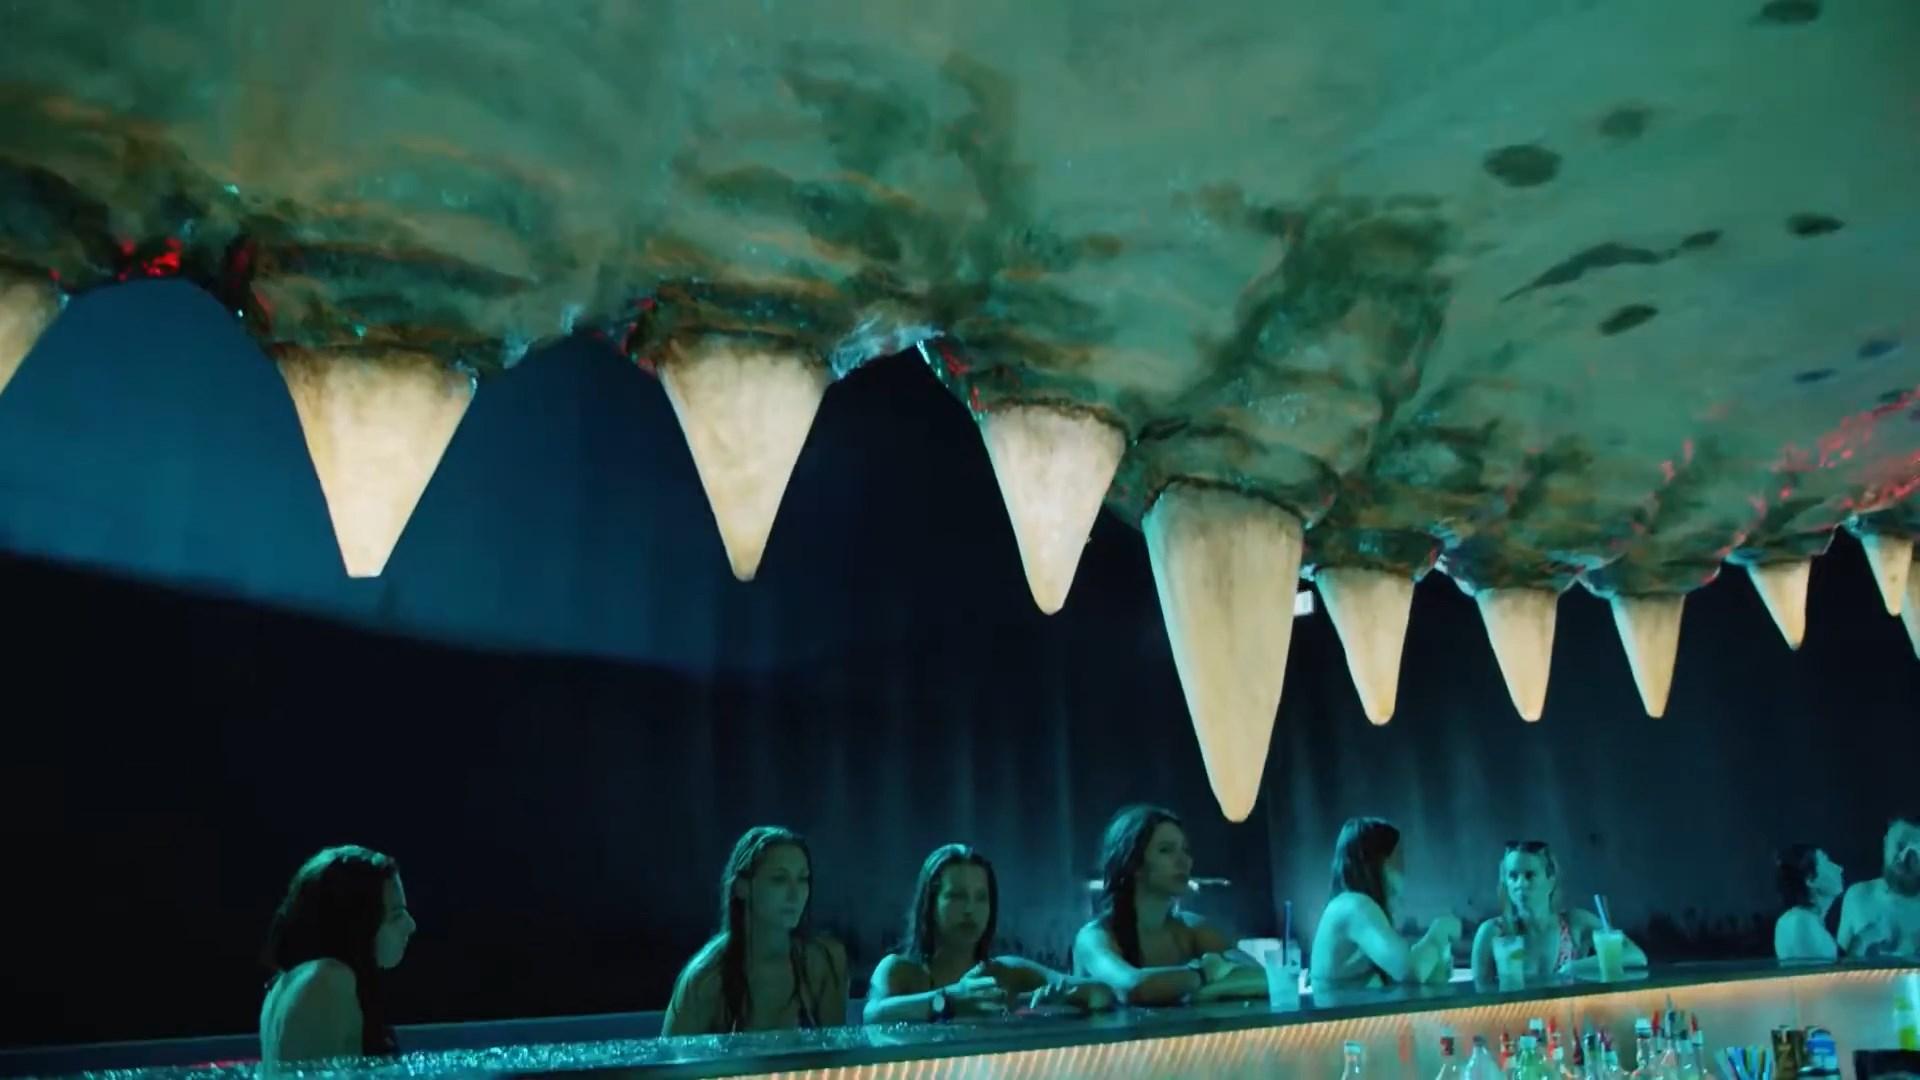 Jeste li znali da Poreč ima jedan od najmodernijih vodenih parkova u Europi?